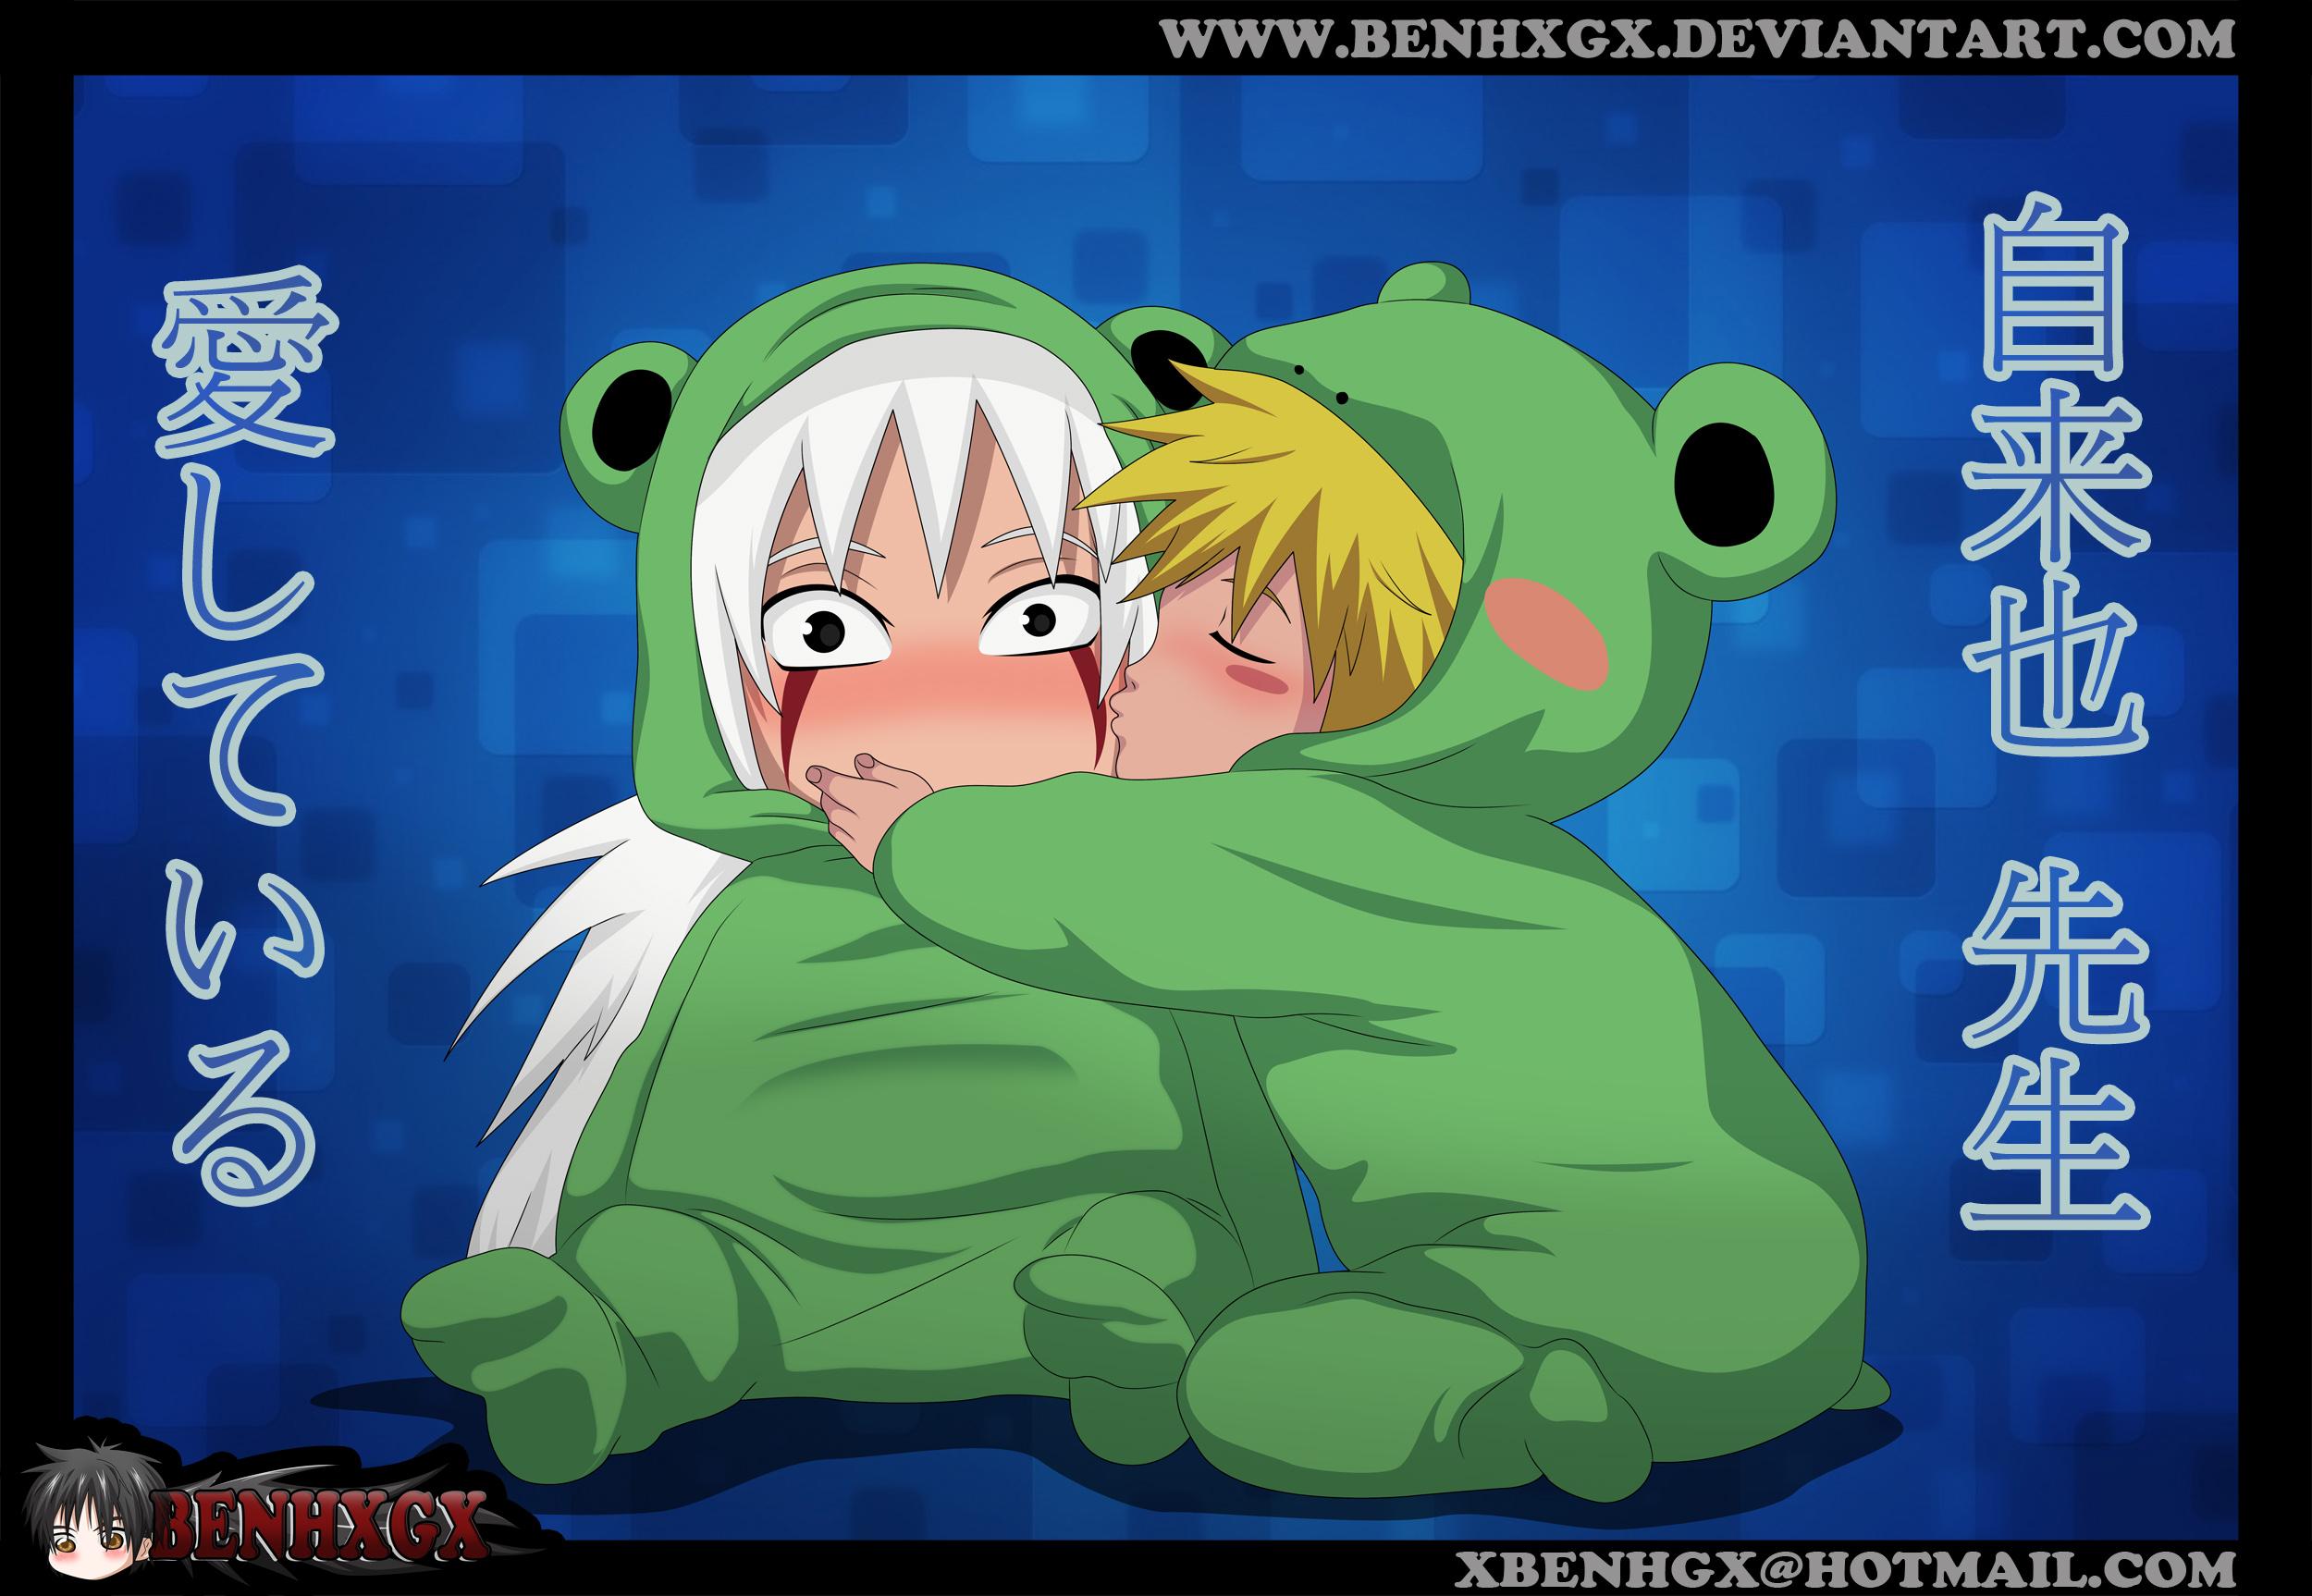 Cute Chibi  Jiraiya and Minato by BENHXGX